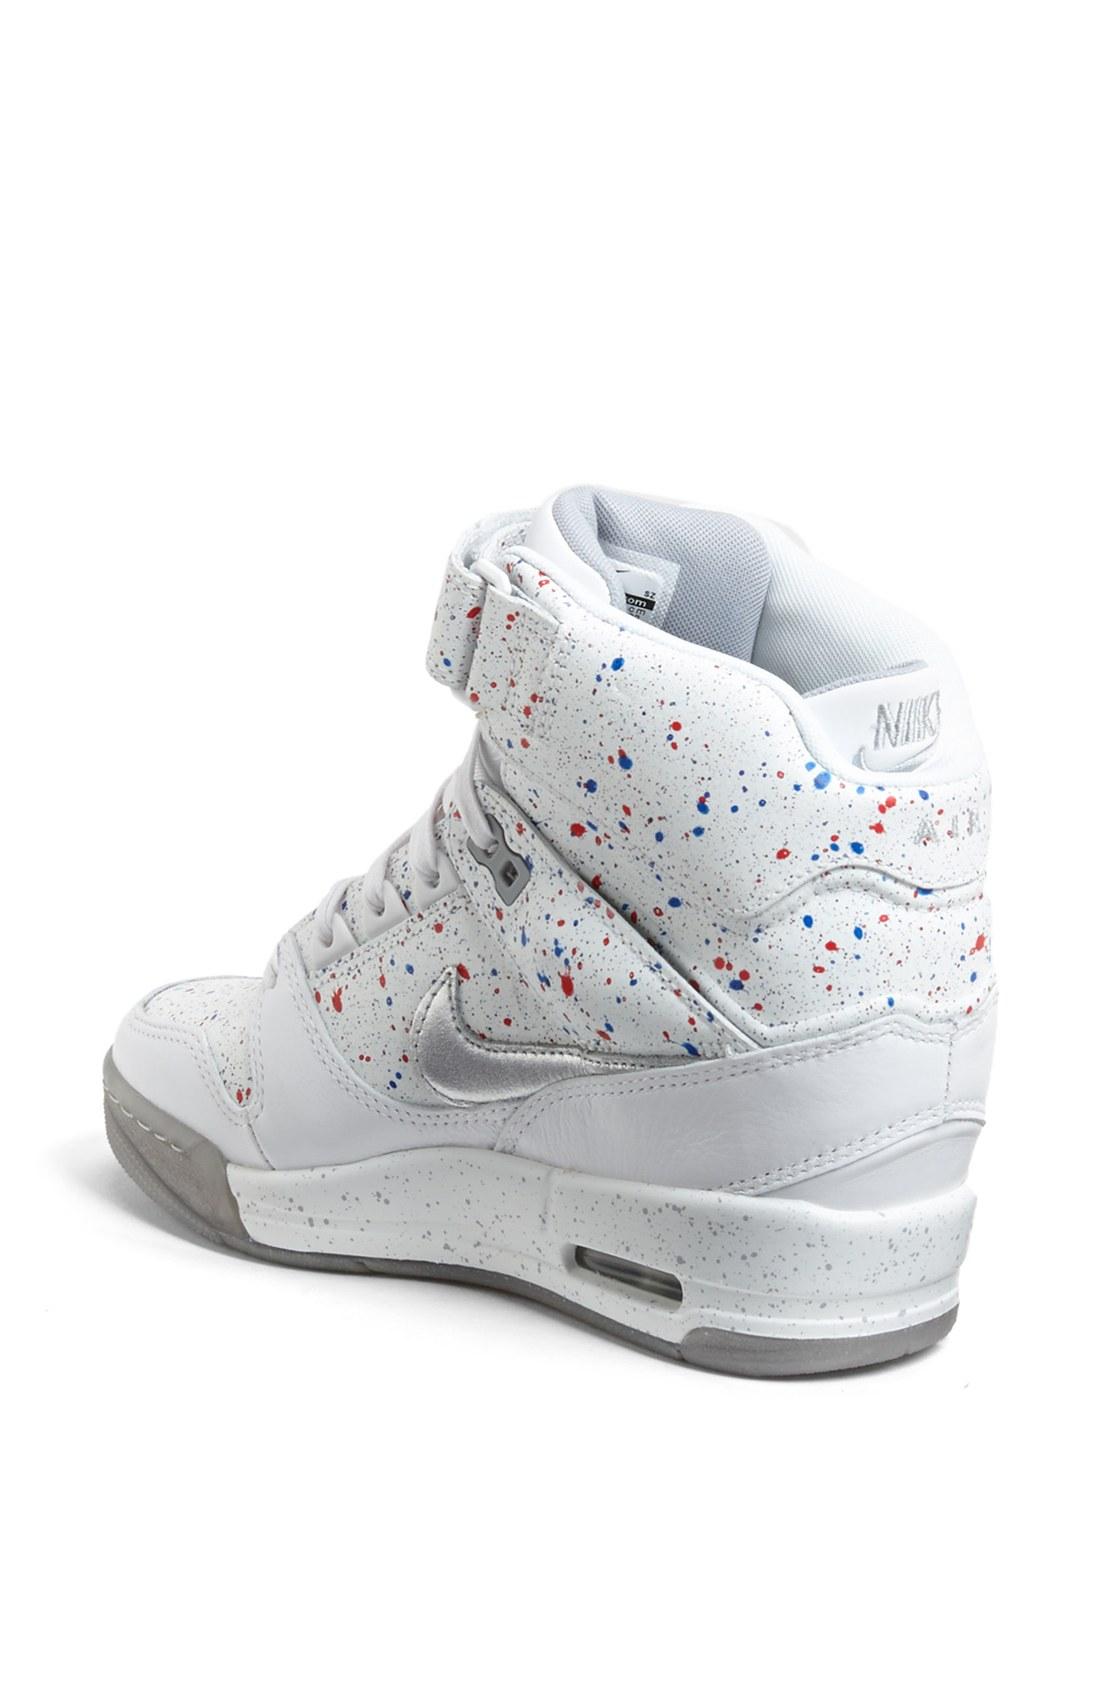 Lyst - Nike Air Revolution Sky Hi Hidden Wedge Sneaker in ...